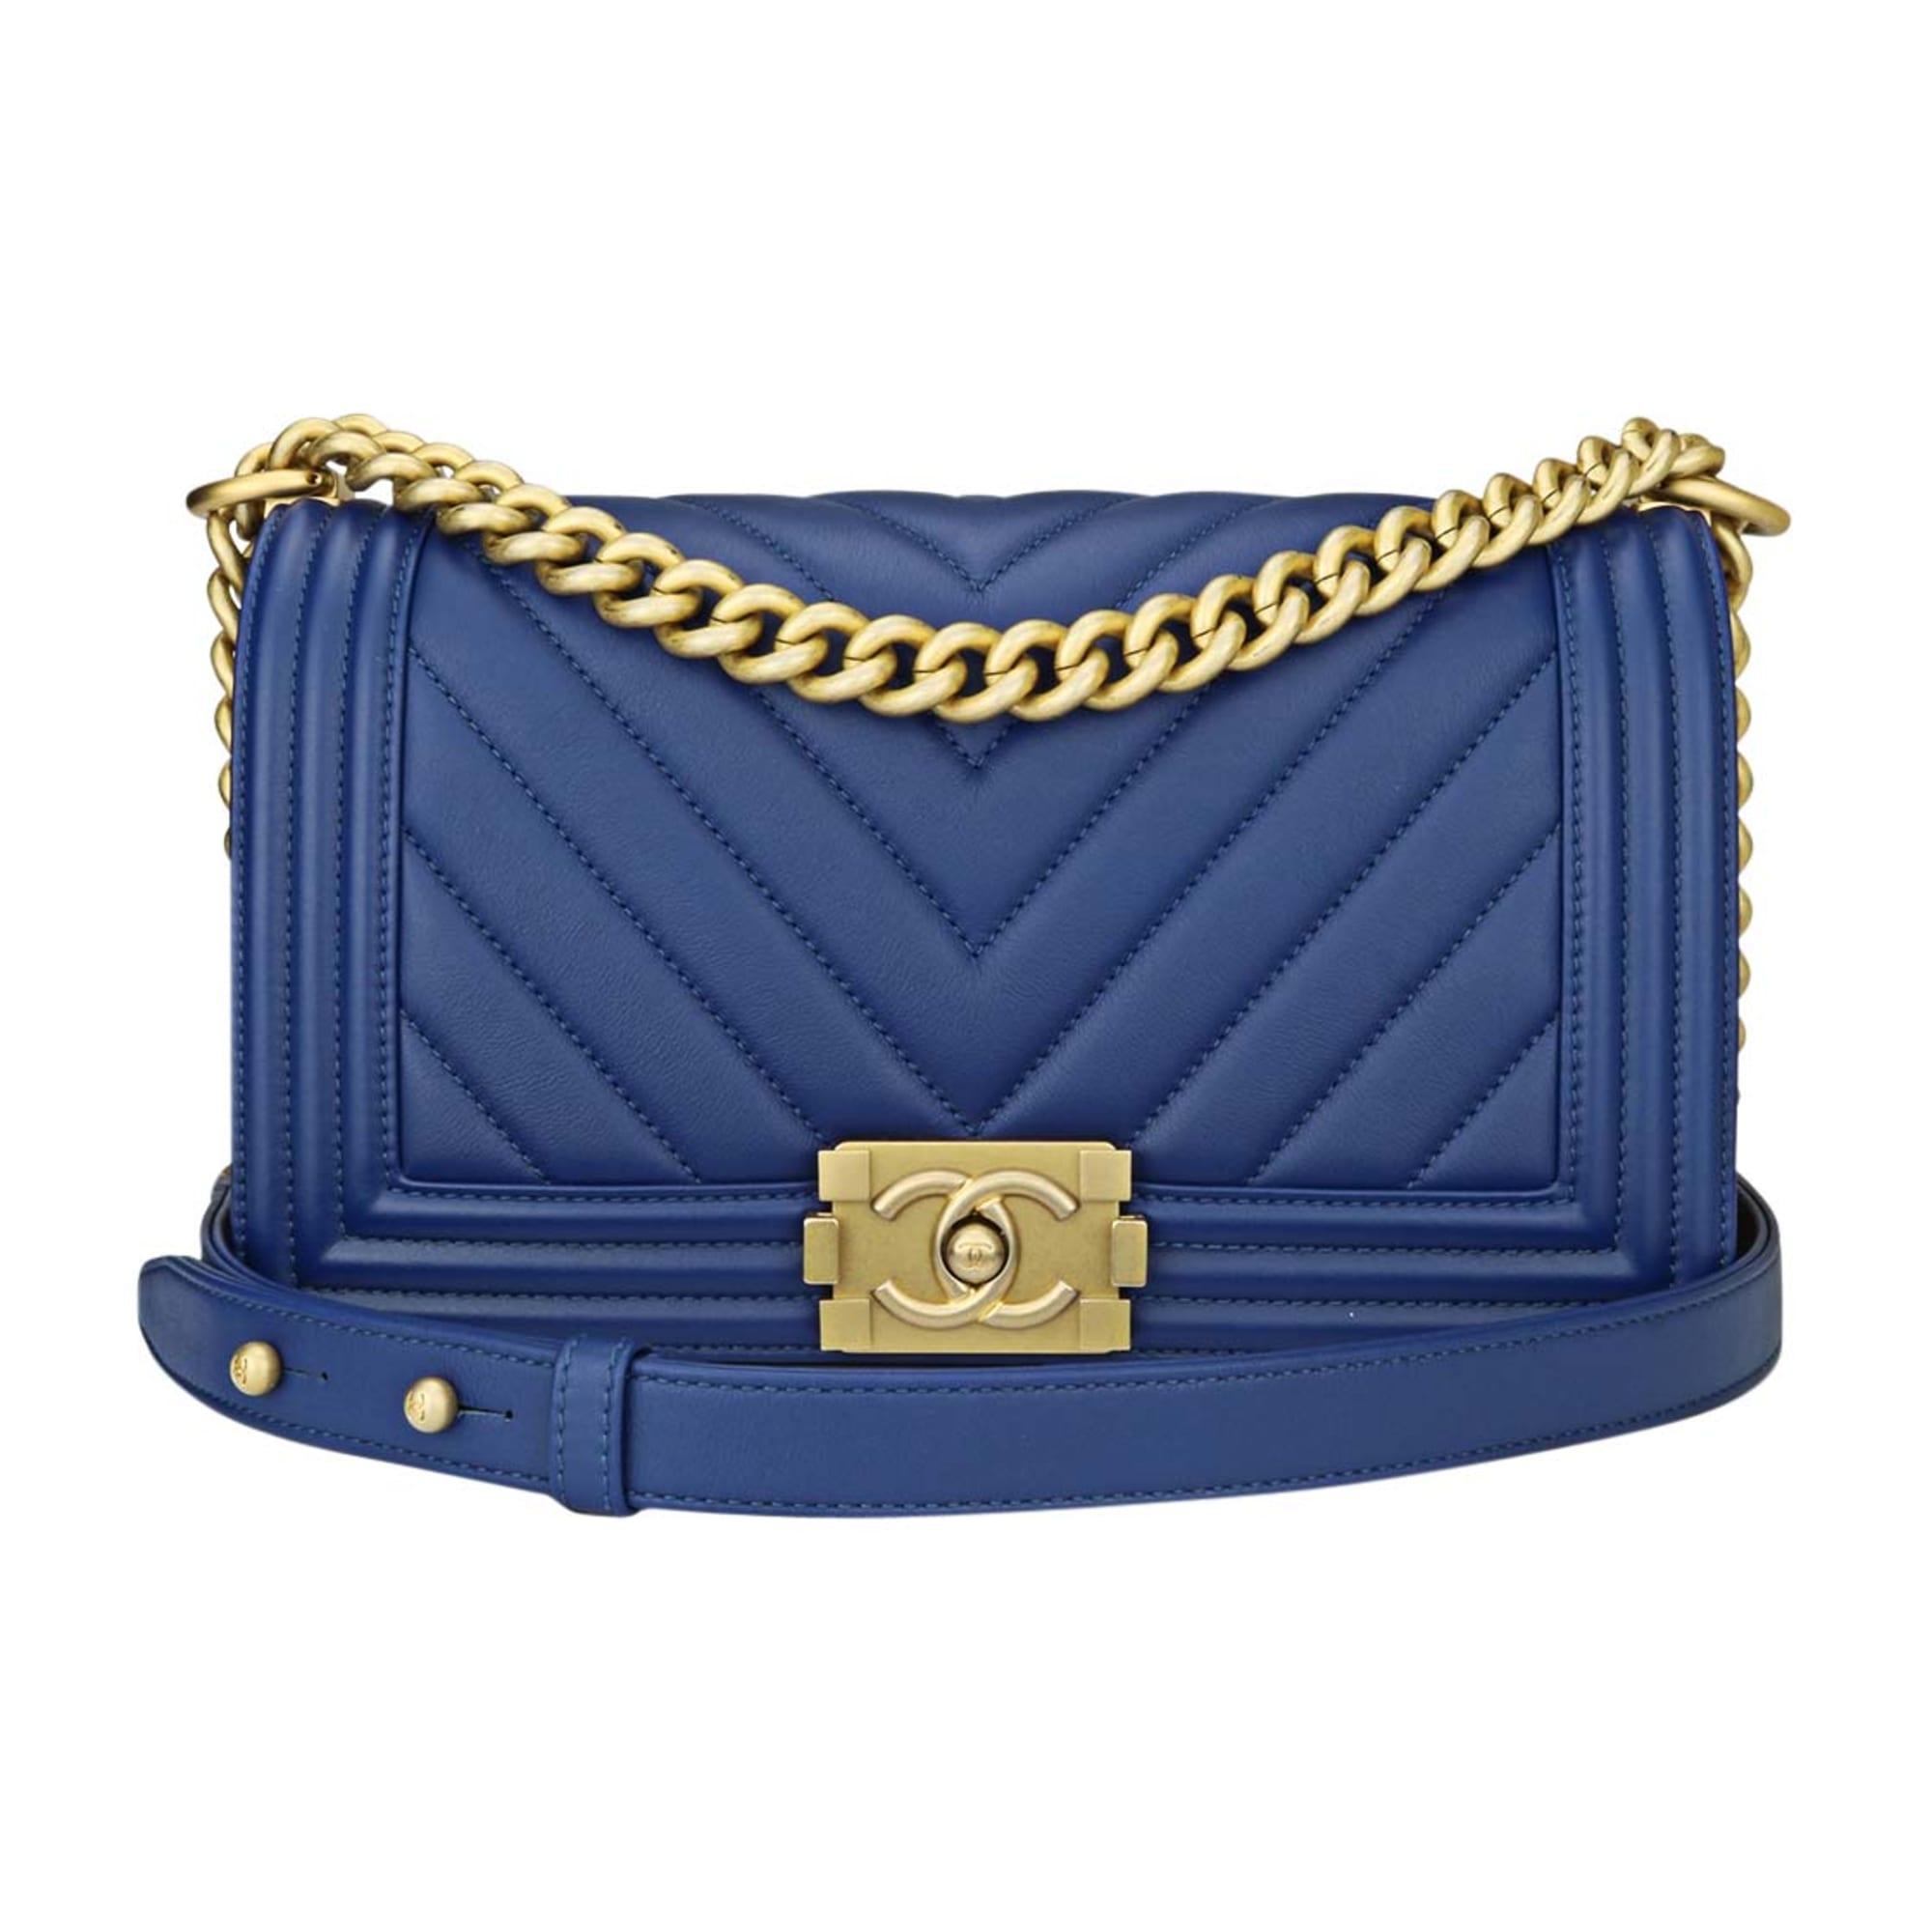 fbe83f0882 Sac à main en cuir CHANEL Boy Bleu, bleu marine, bleu turquoise